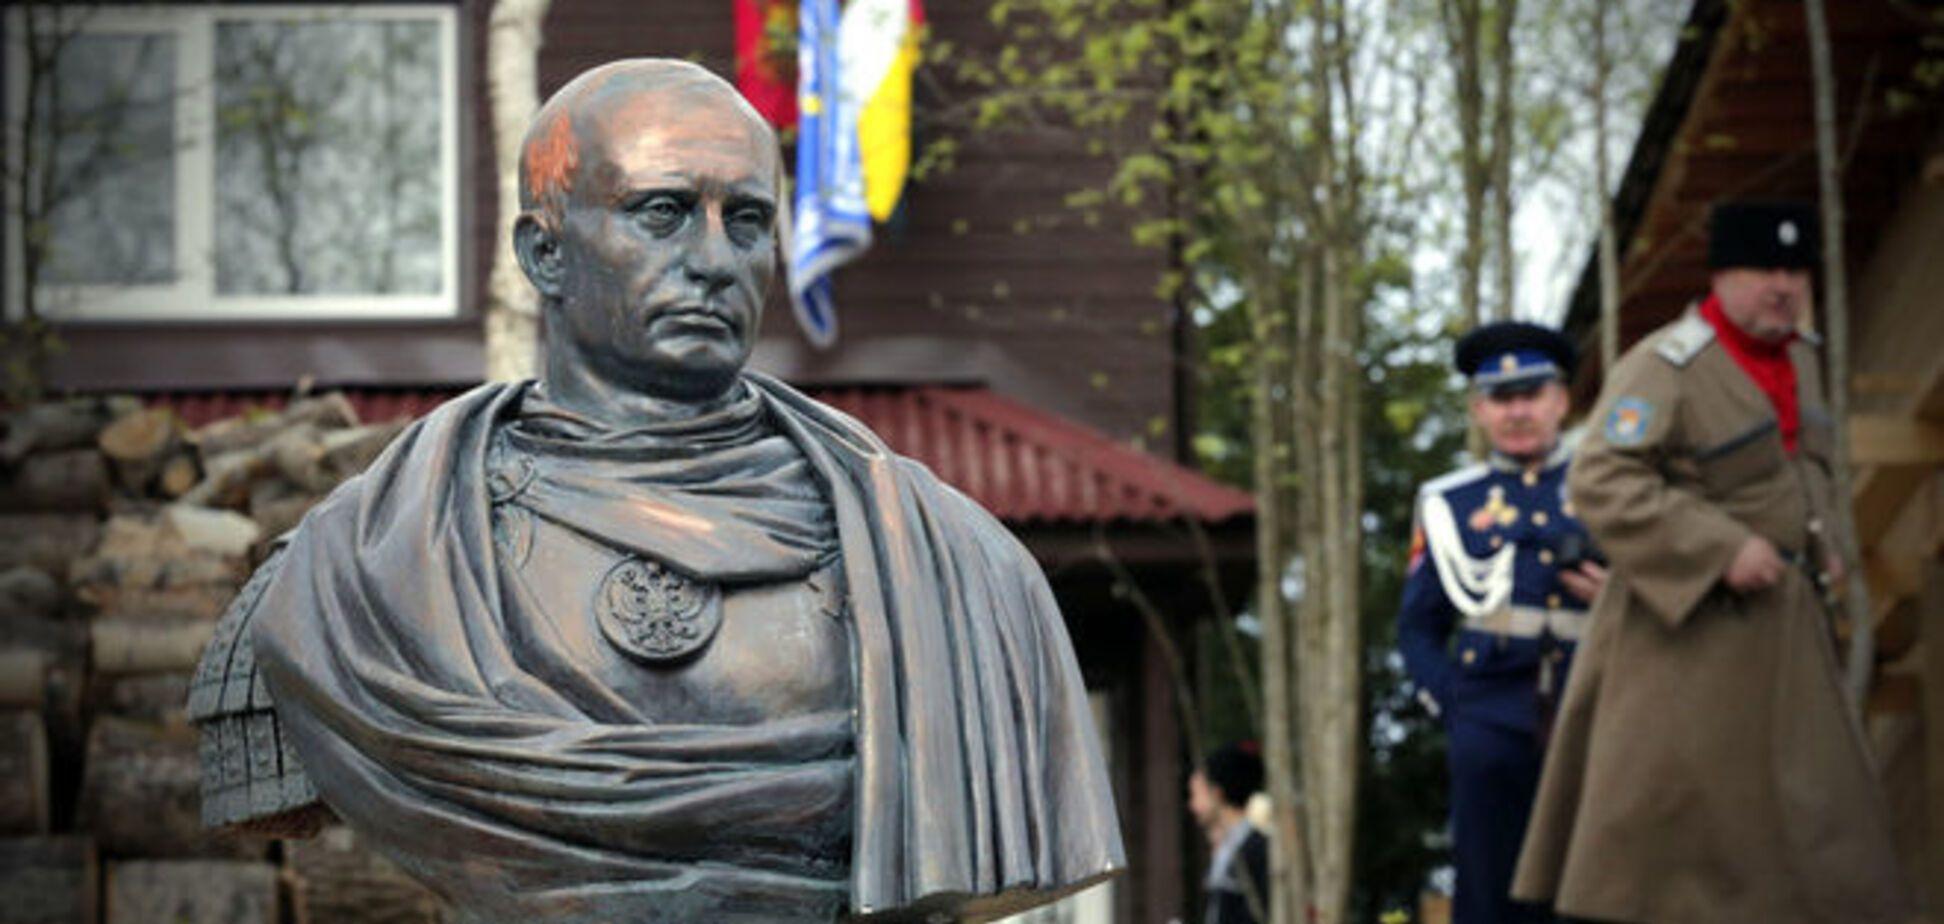 В Петербурге поставили памятник Путину в образе римского императора